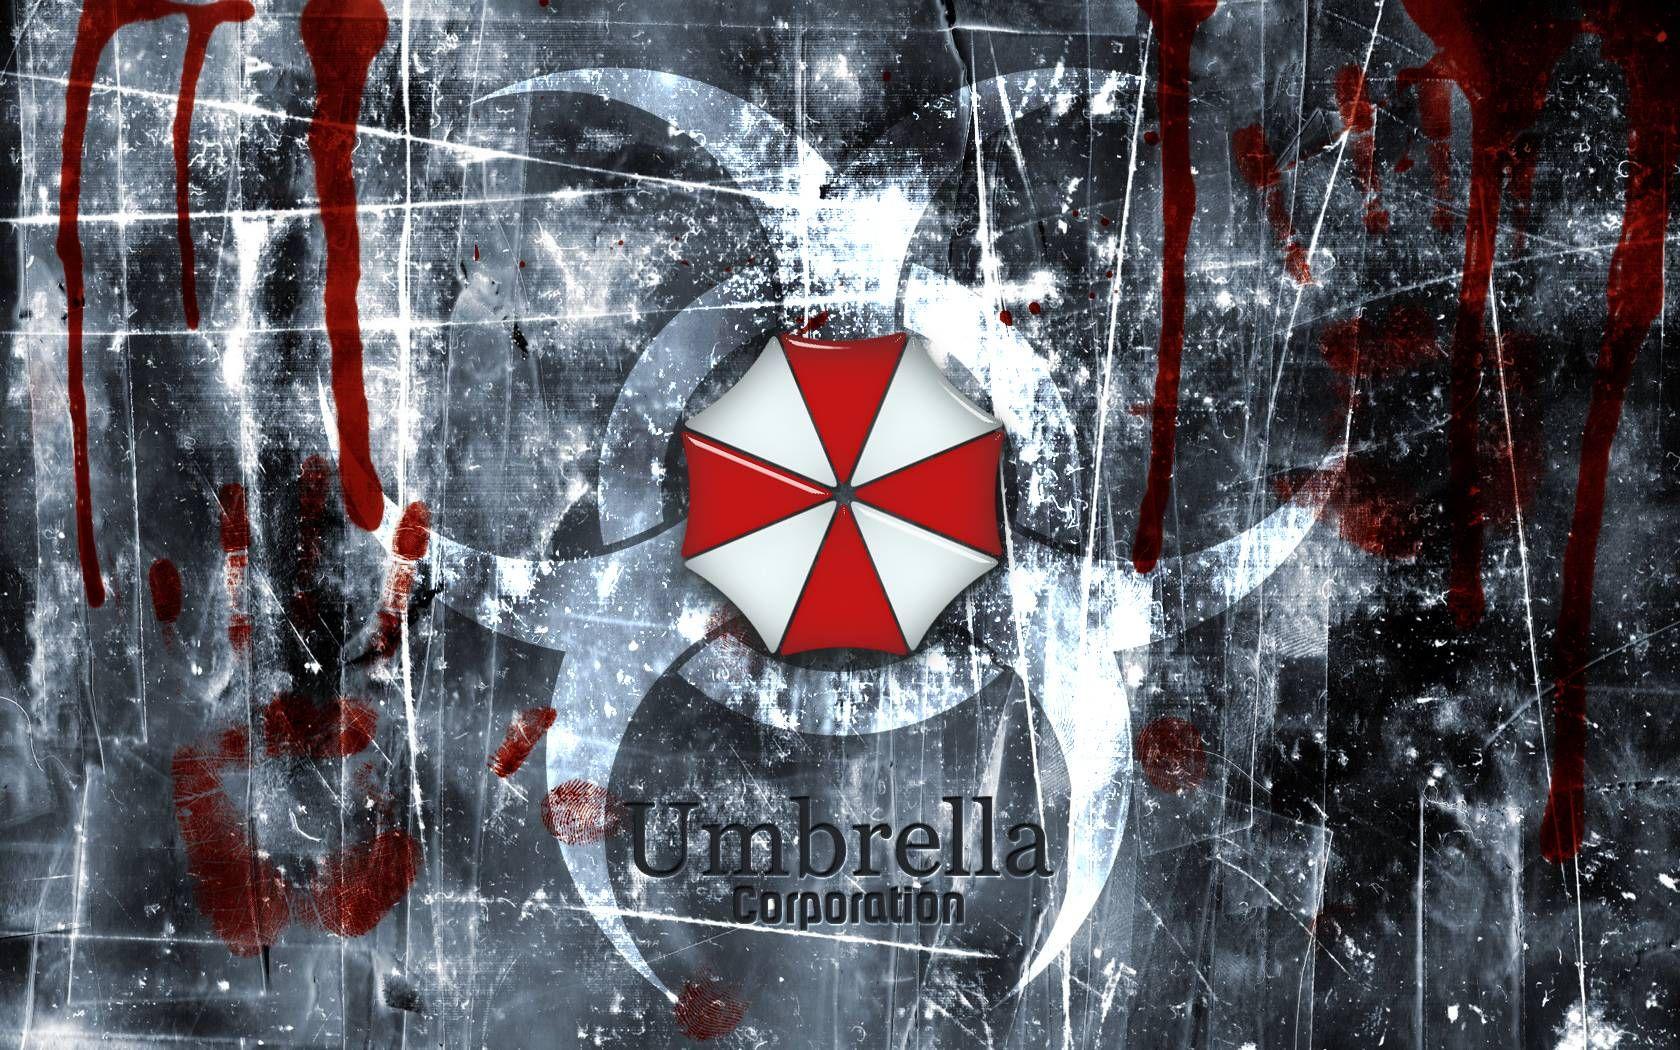 Hd wallpaper resident evil - Resident Evil Wallpapers Hd Wallpaper